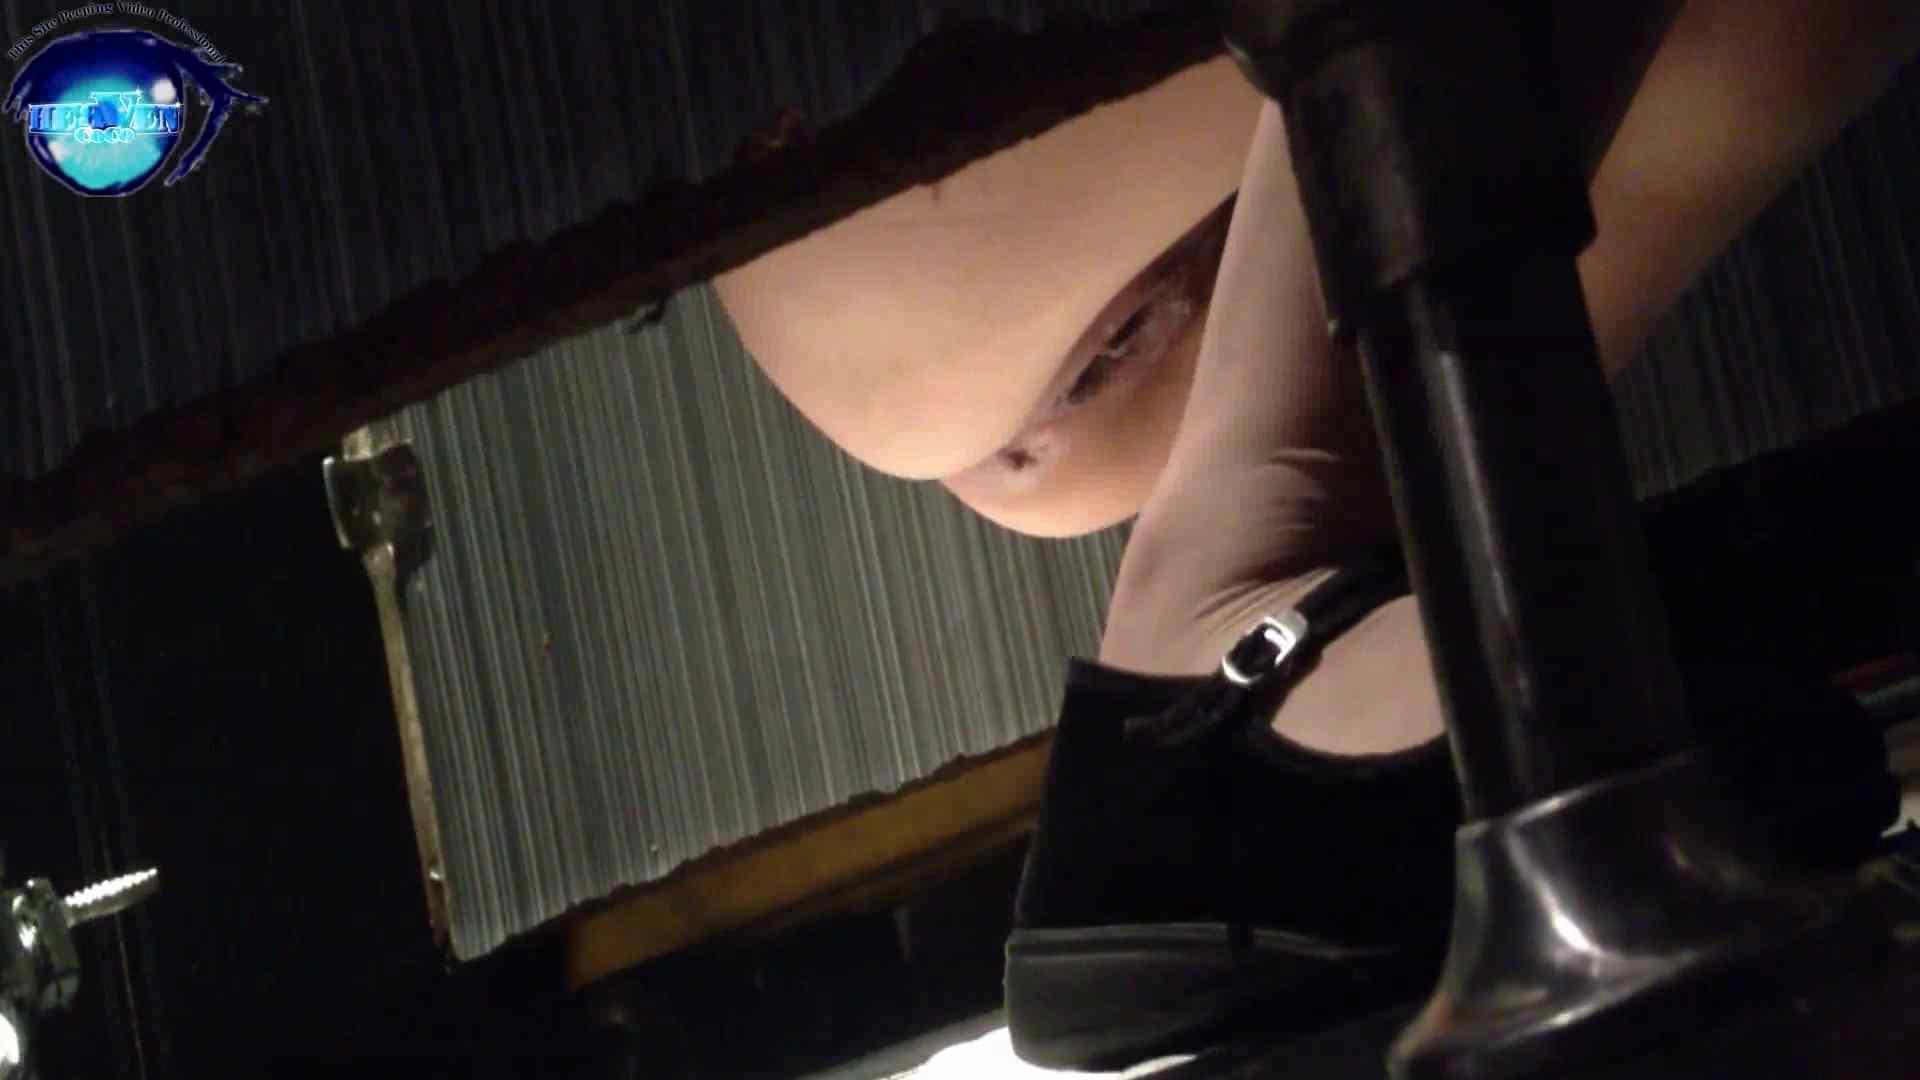 GOD HAND ファッションショッピングセンター盗撮vol.02前編 OLエロ画像  82PICs 78